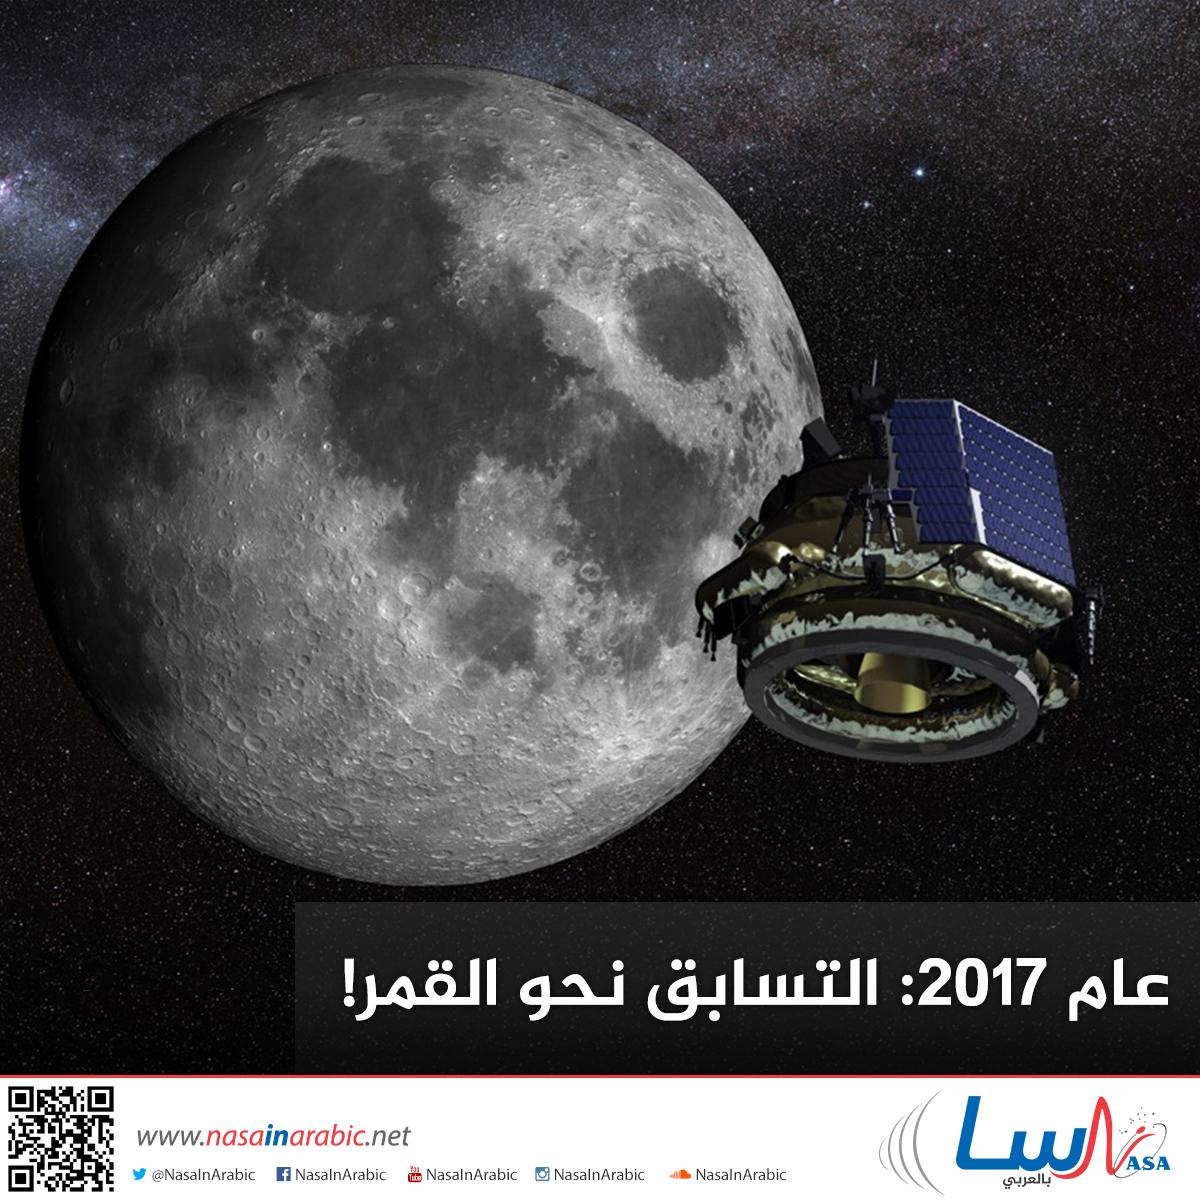 عام 2017: التسابق نحو القمر!